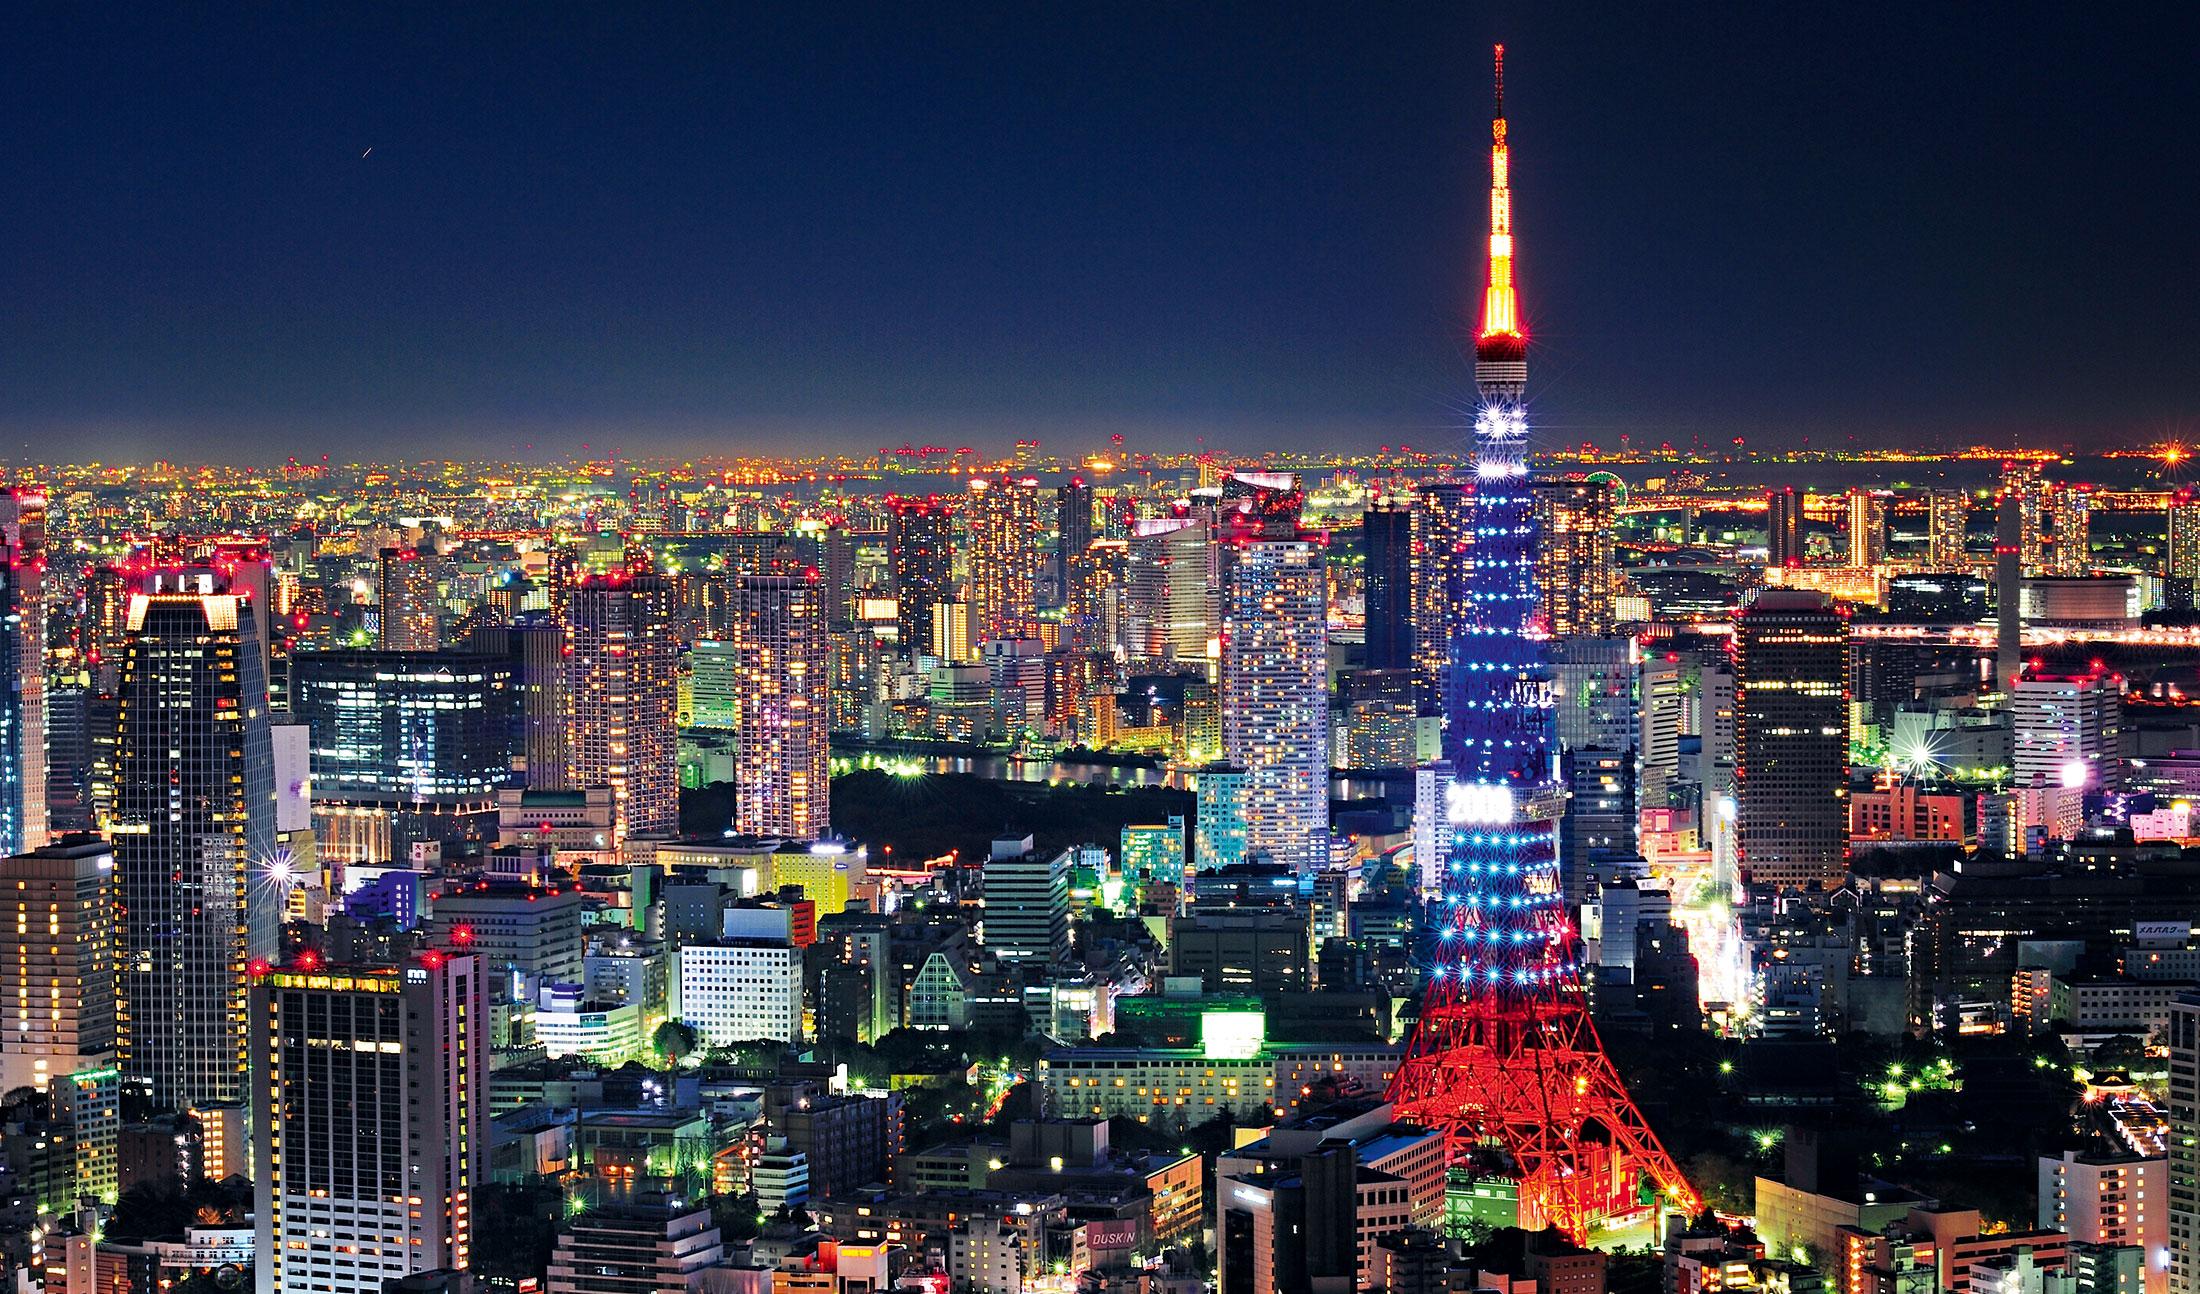 Thủ đô Tokyo của Nhật Bản đã mất vị trí trong top 10 các thành phố đắt đỏ trên thế giới